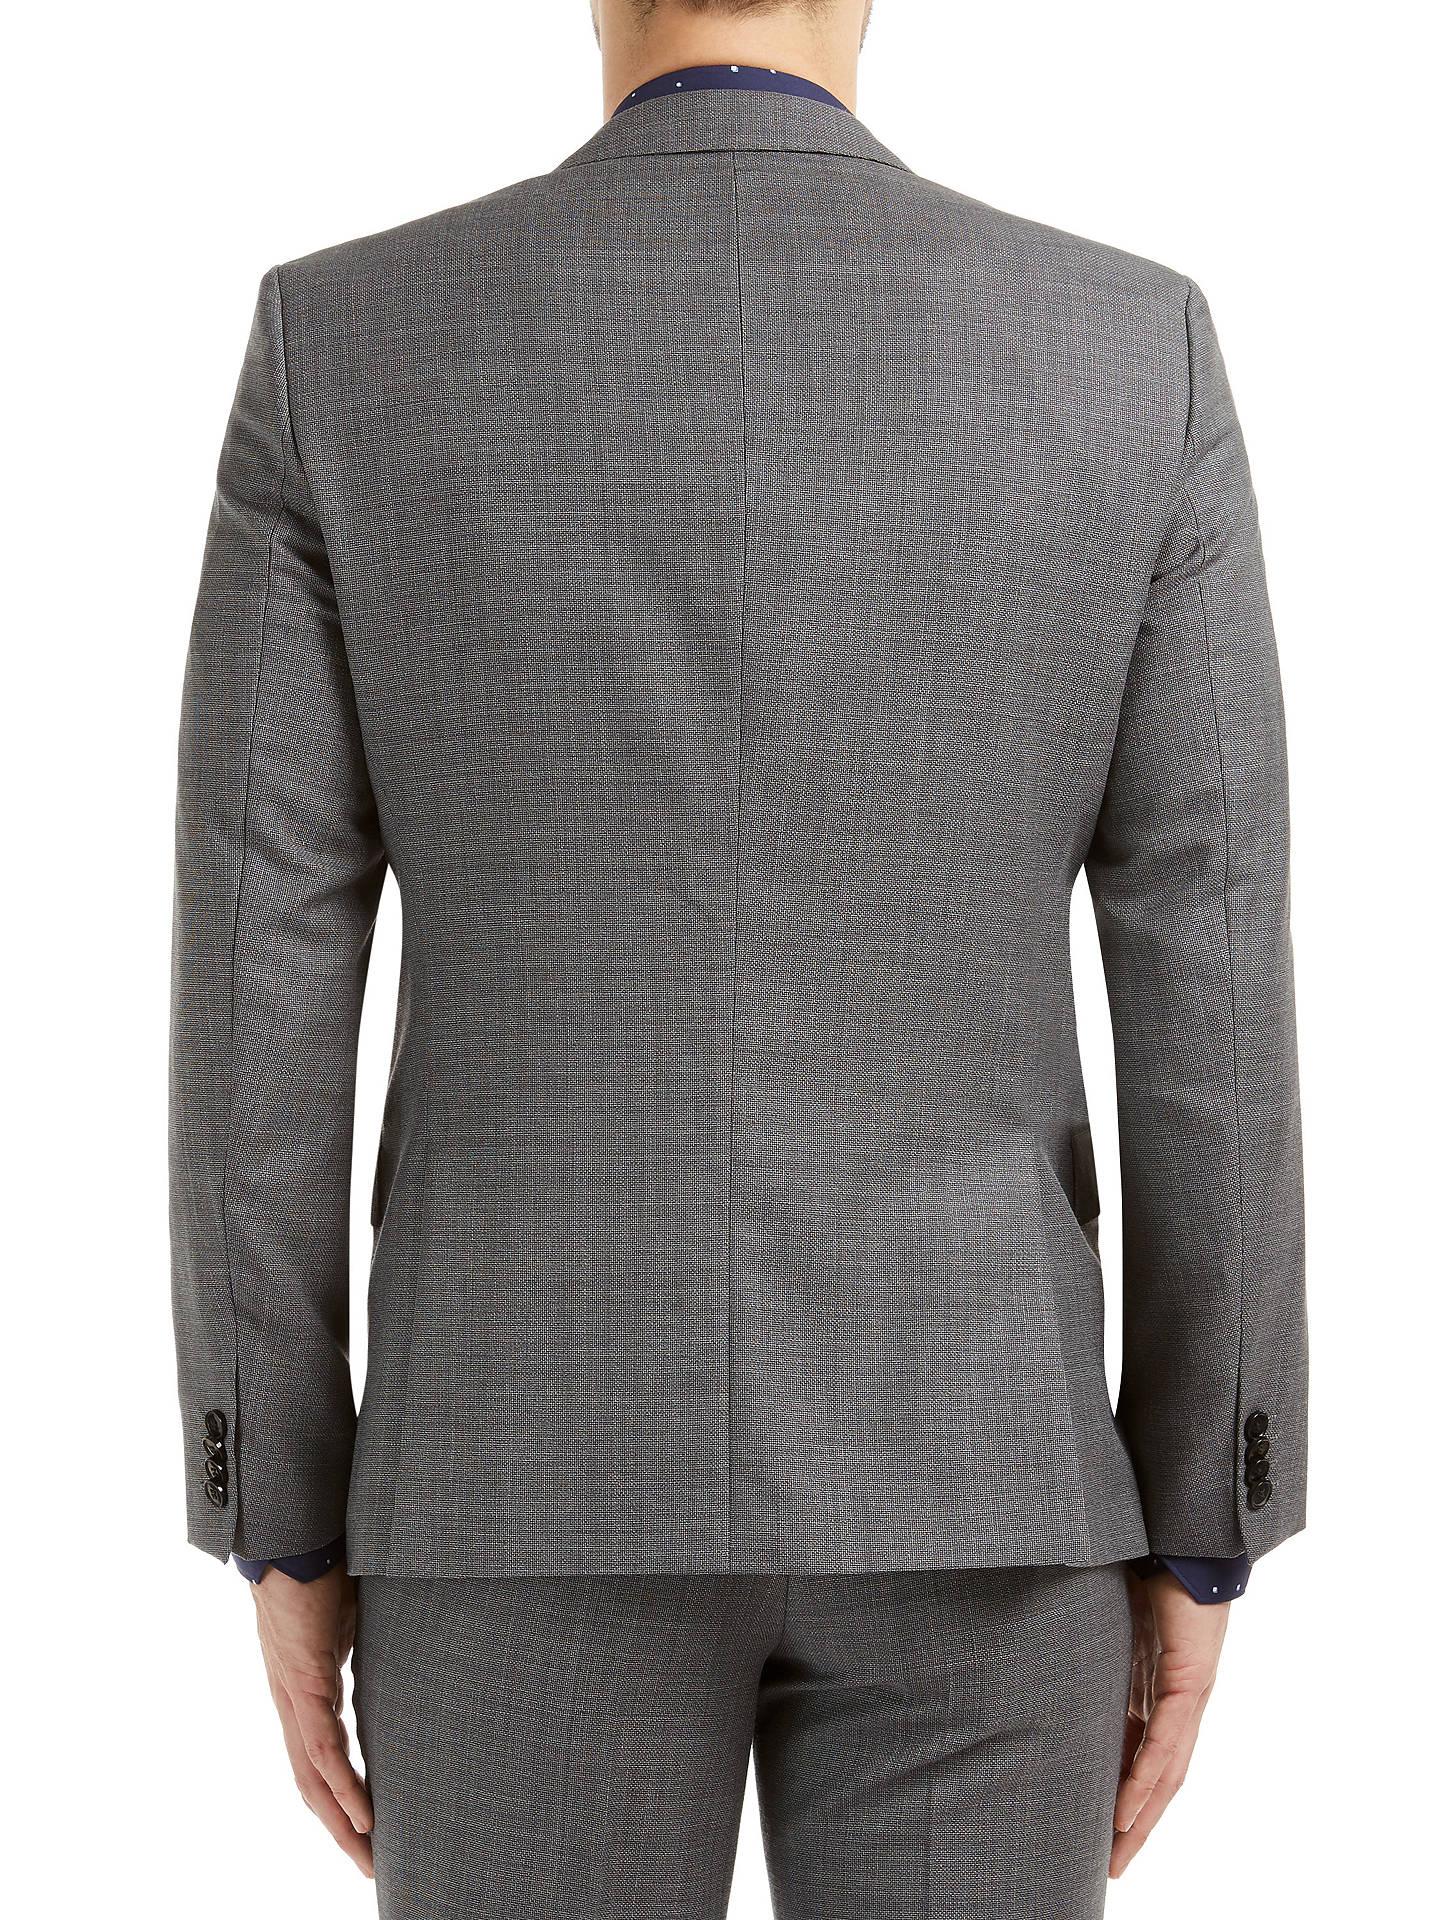 a31aeb141 ... Buy HUGO by Hugo Boss C-Huge1 Hopsack Slim Fit Suit Jacket, Medium Grey  ...